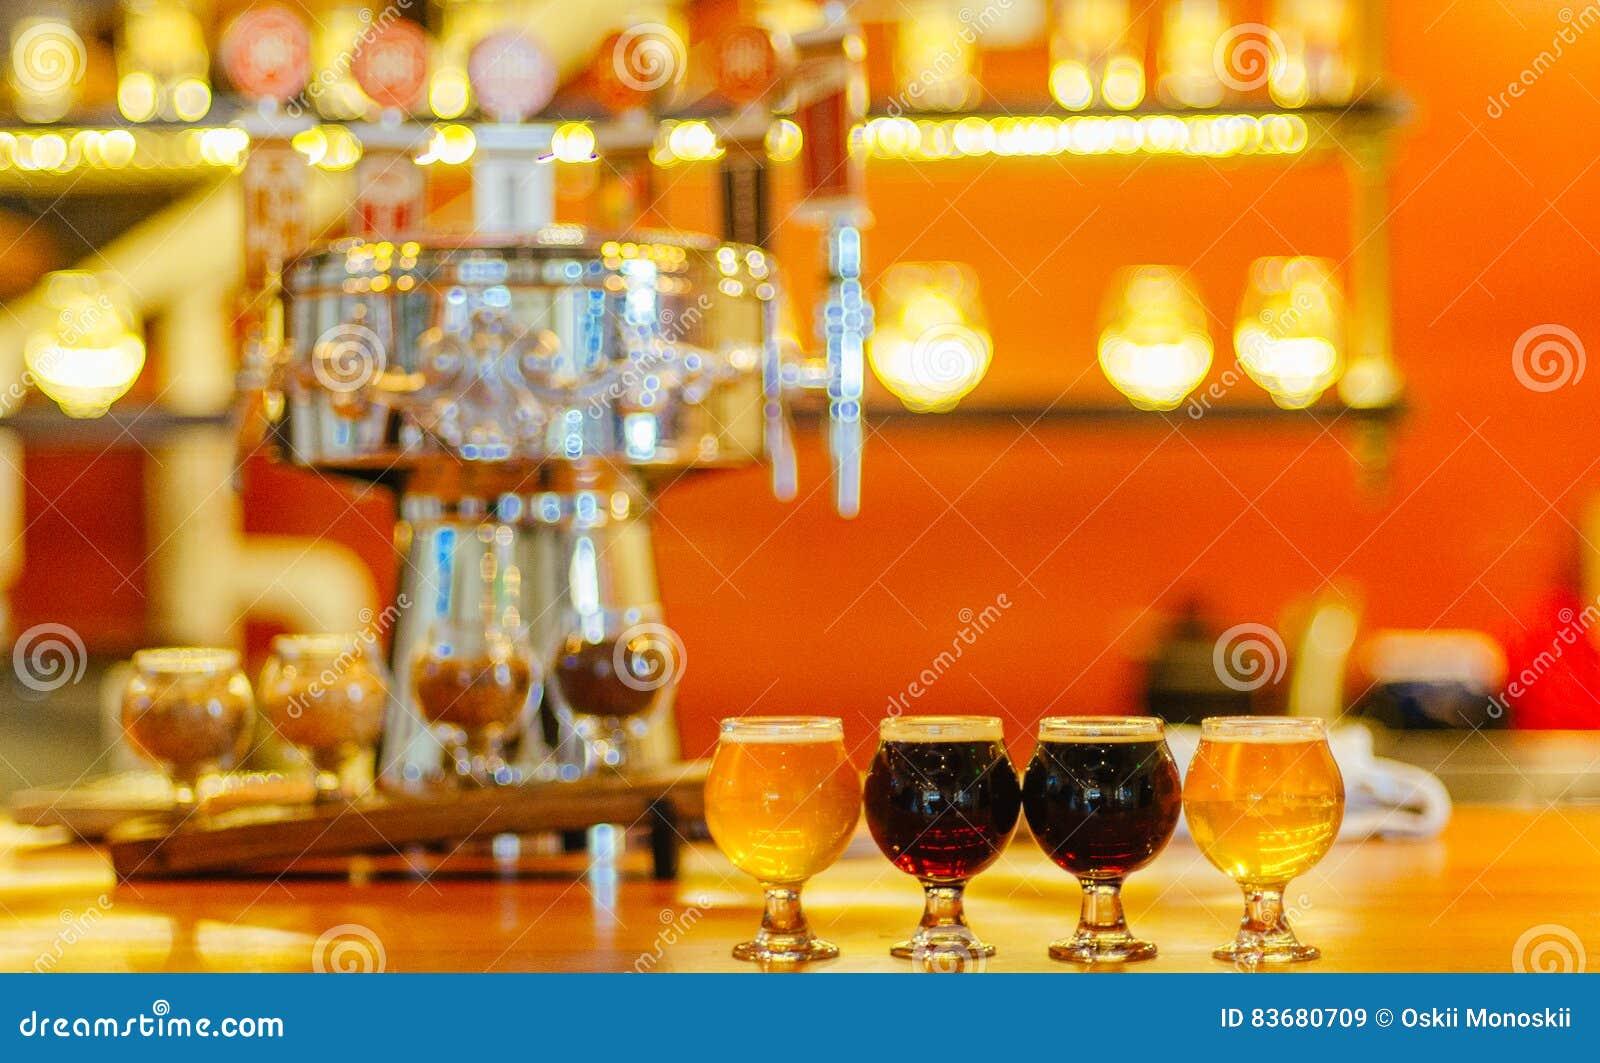 Handwerksbierflug an der Bar